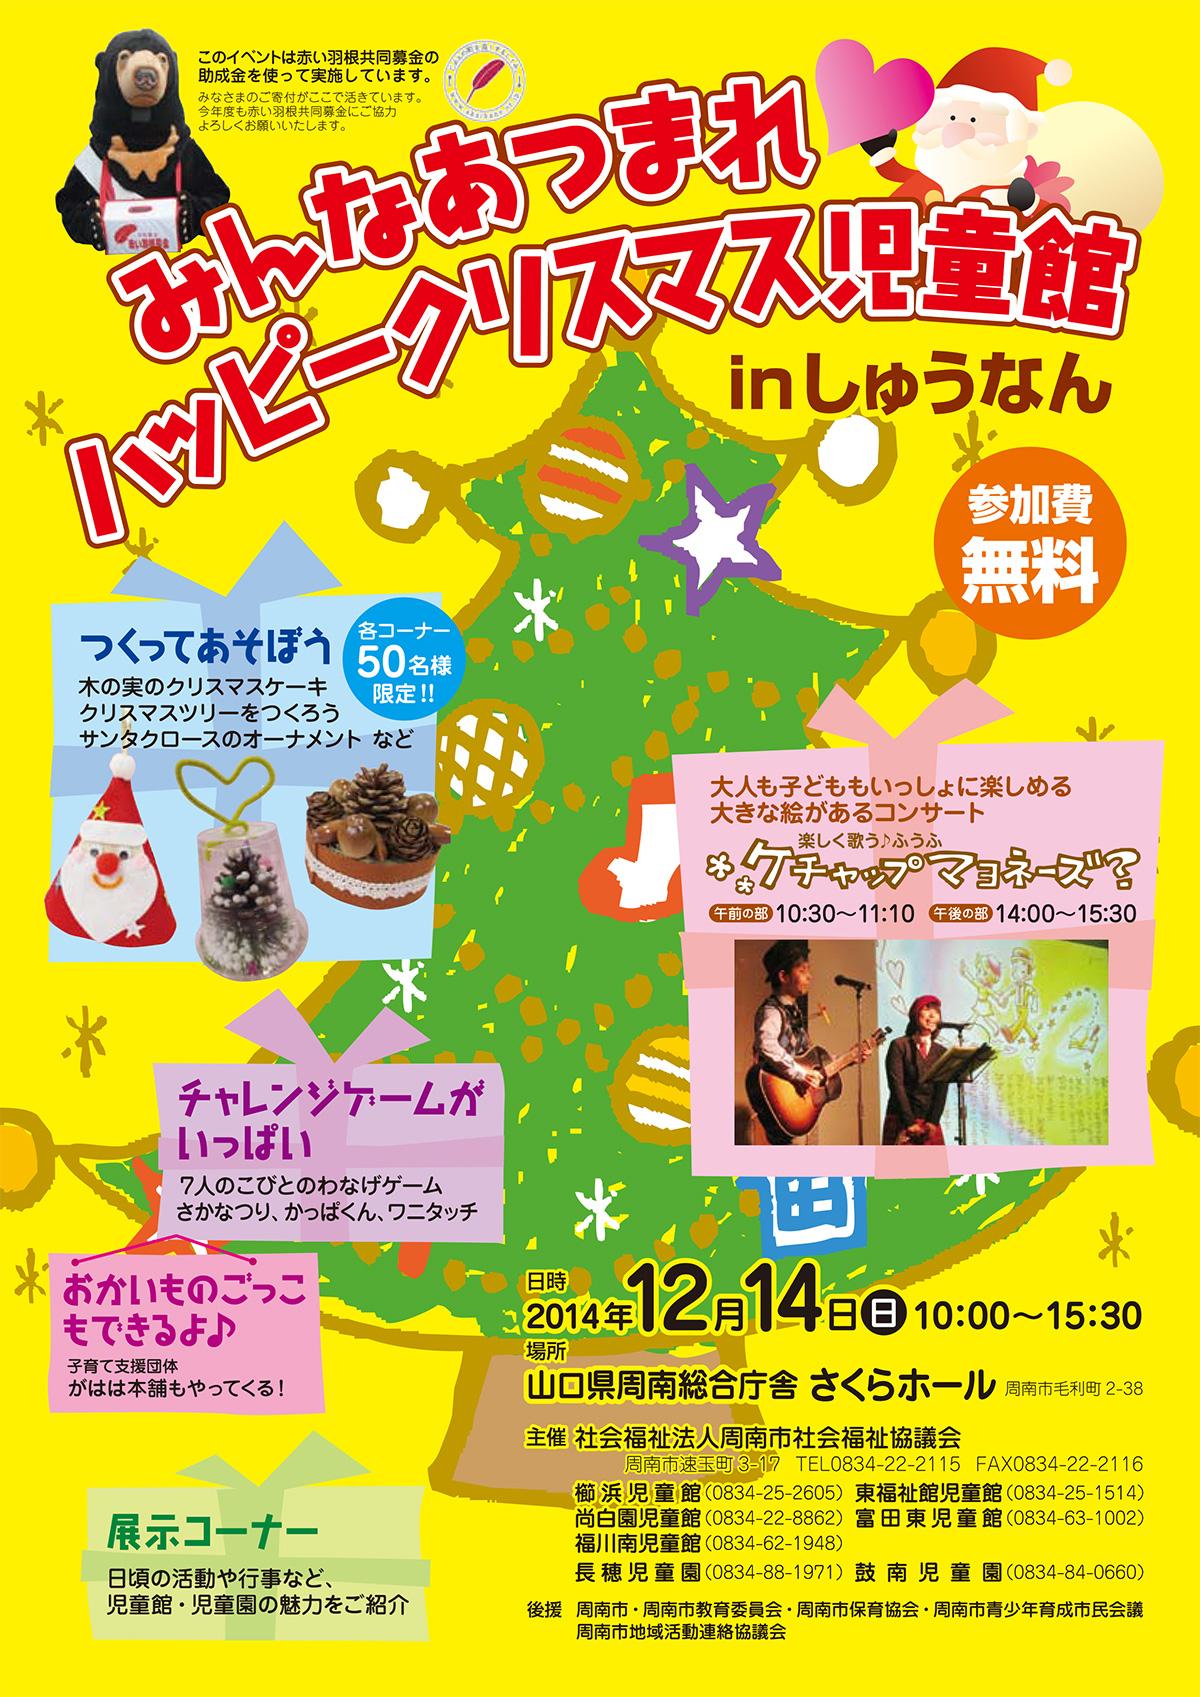 山口県周南市「みんなあつまれ♡ハッピークリスマス児童館 in しゅうなん」に出演します!